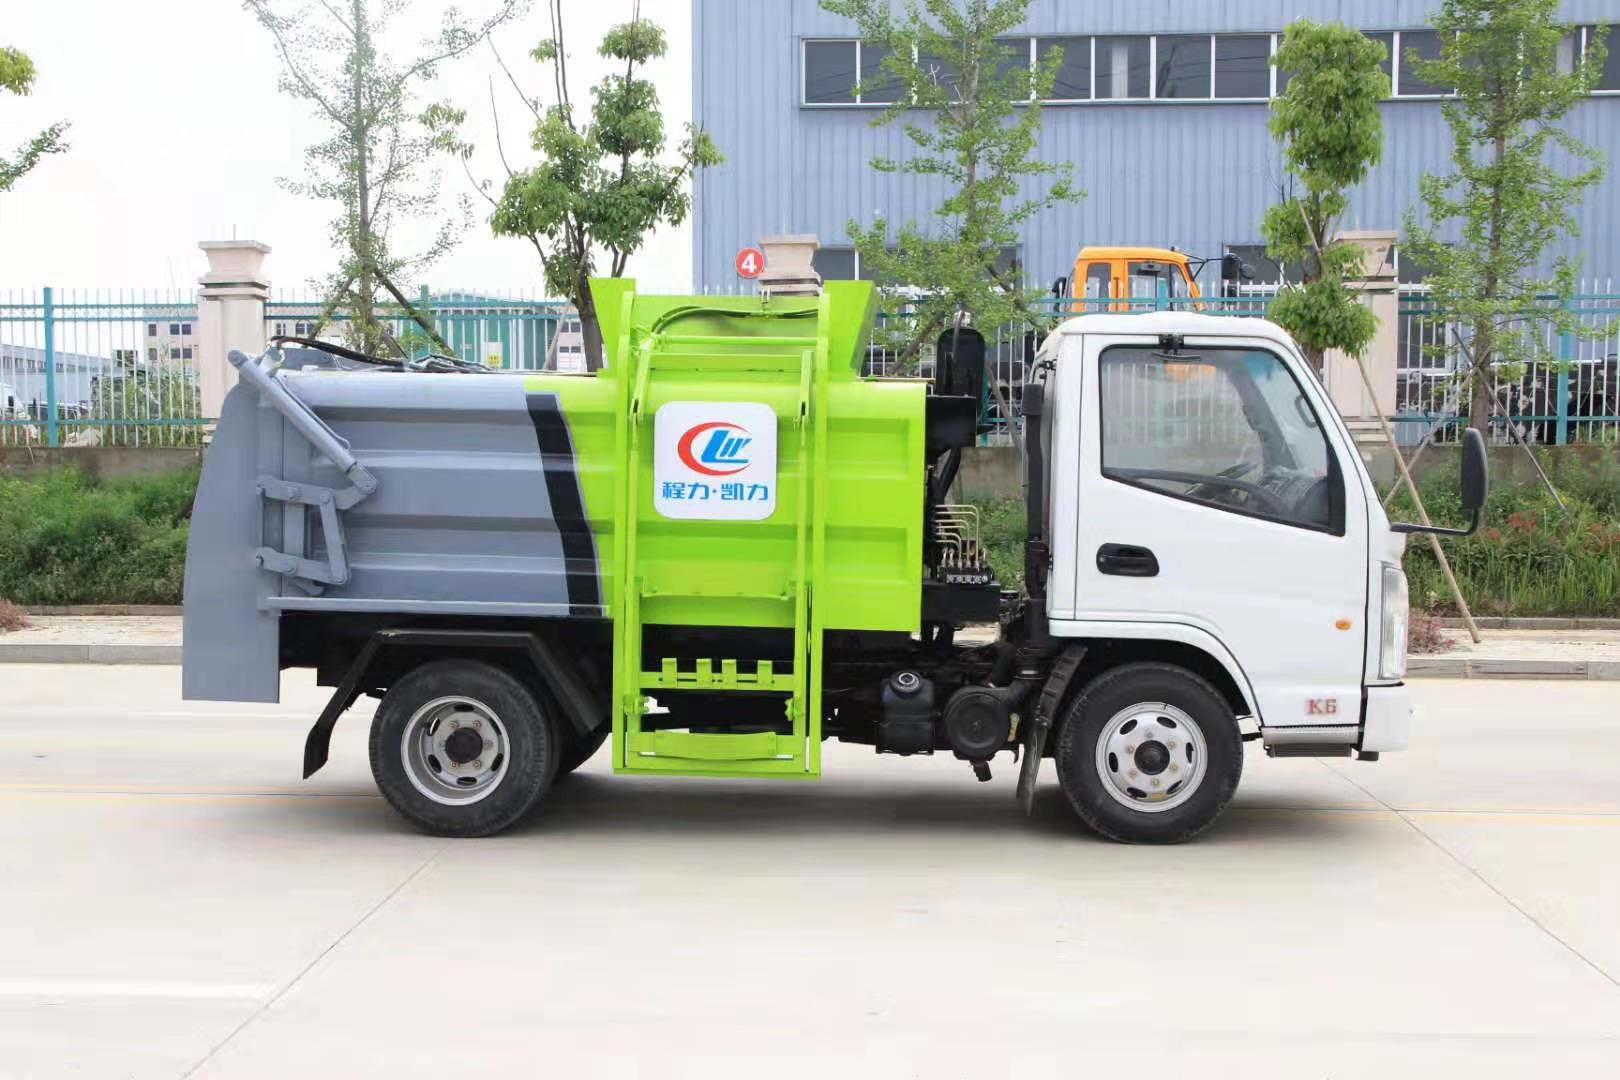 國六藍牌凱馬餐廚垃圾車圖片圖片